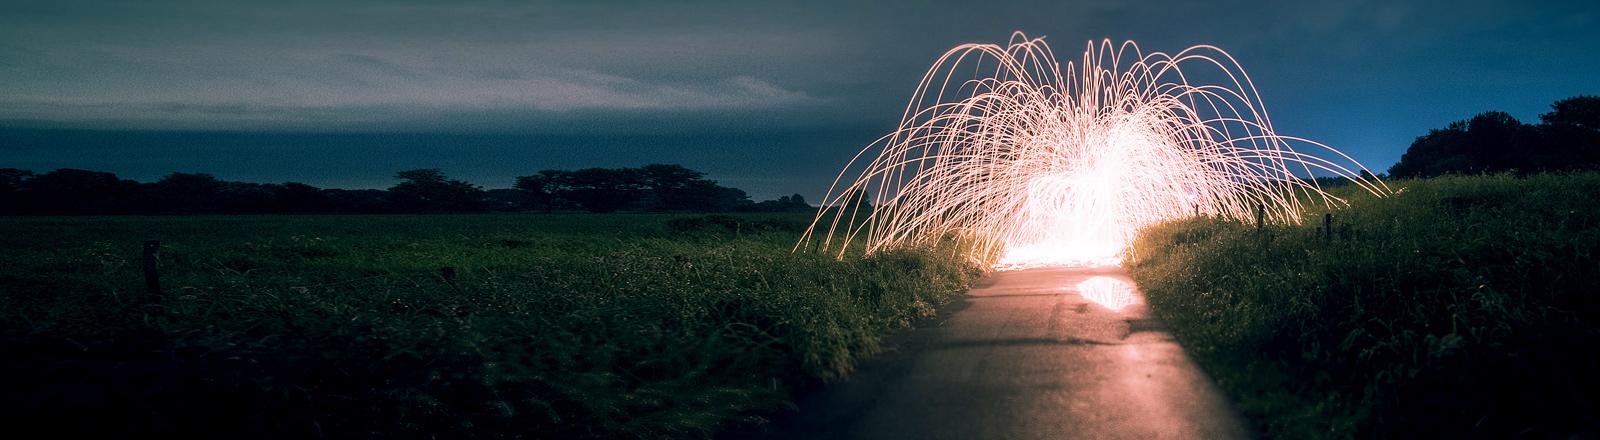 Ein leuchtendes Kunstwerk auf einem Feld.